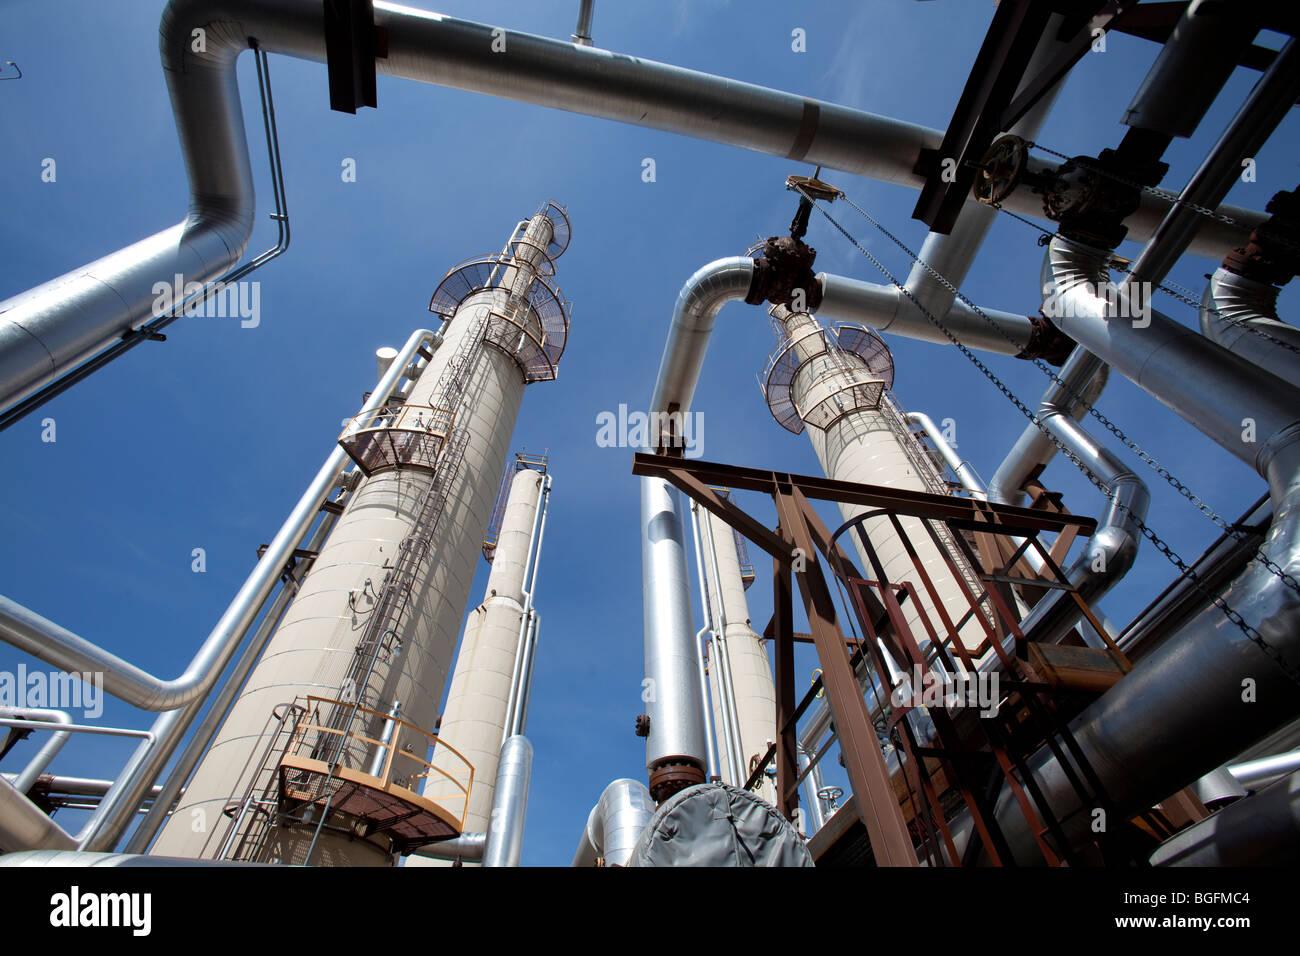 Tubazioni in un compressore di gas impianto Immagini Stock